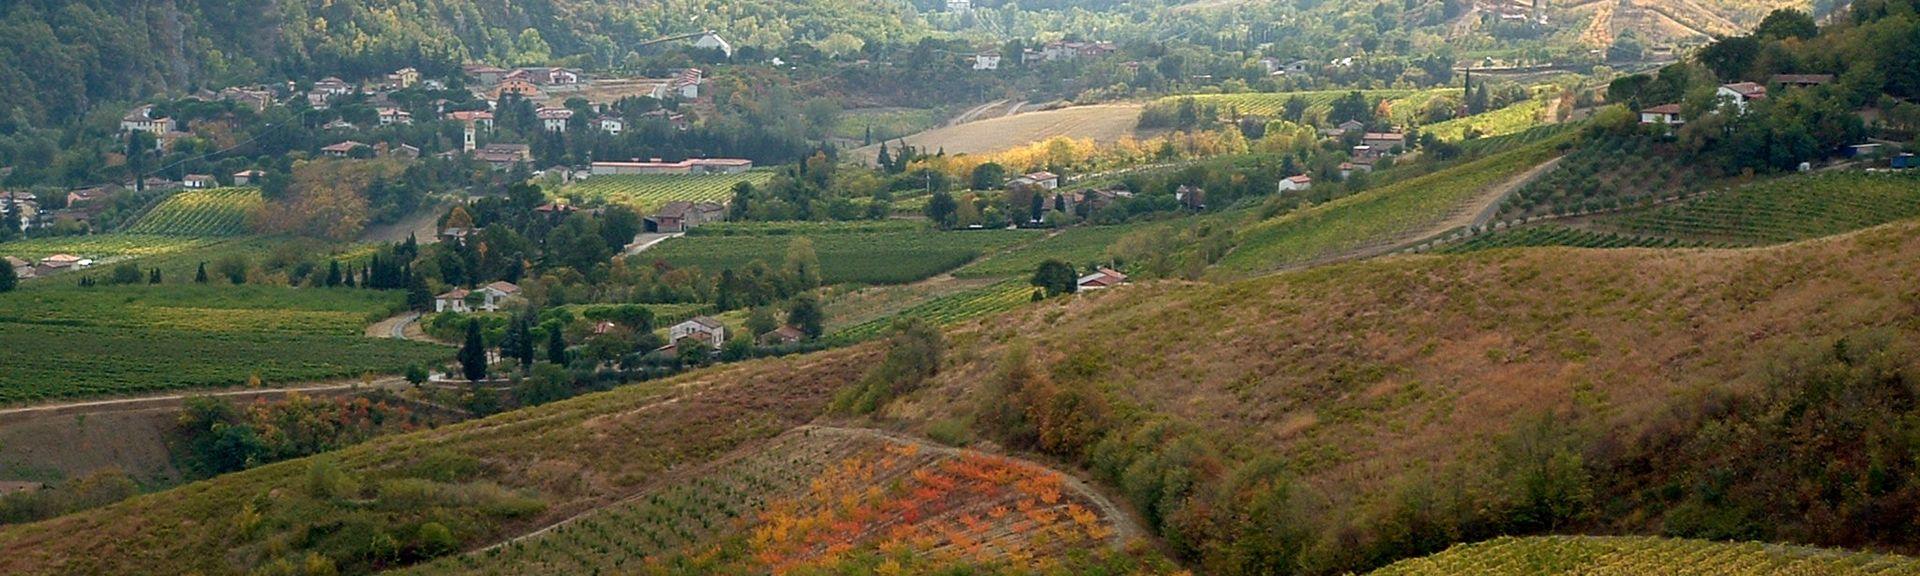 Modigliana, Emilia-Romagna, Italy